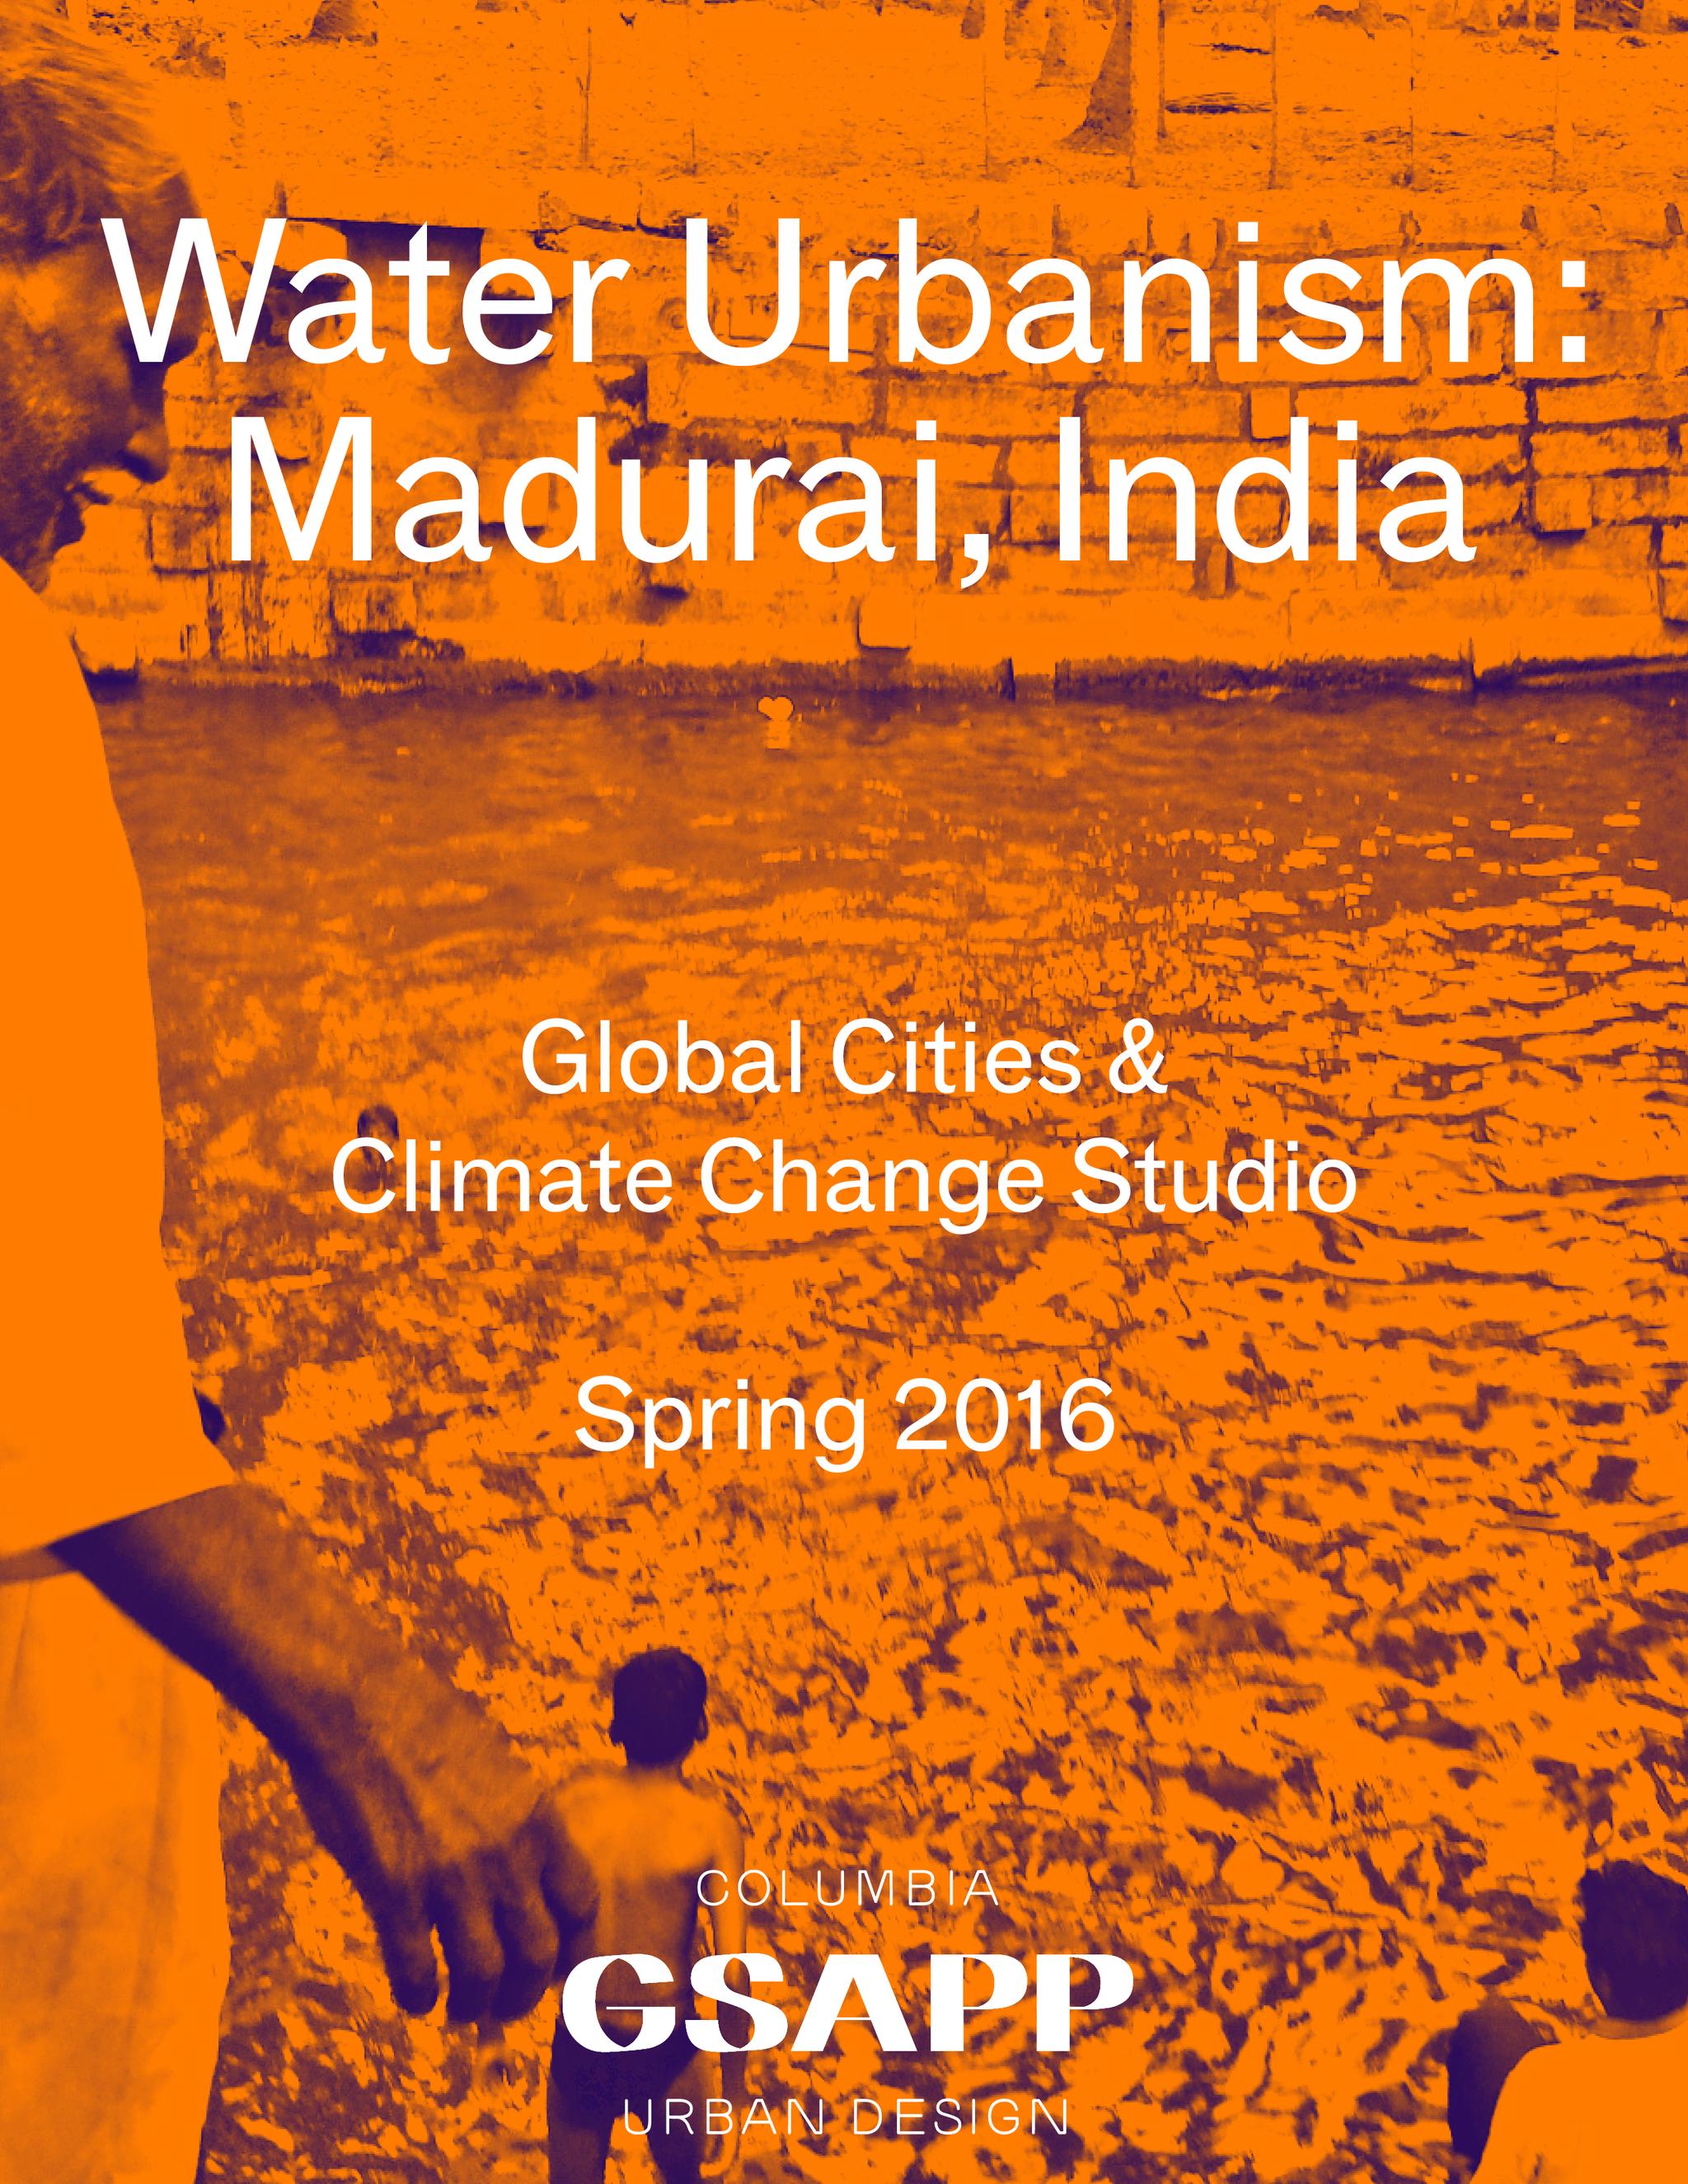 Water Urbanism Madurai India - Columbia GSAPP